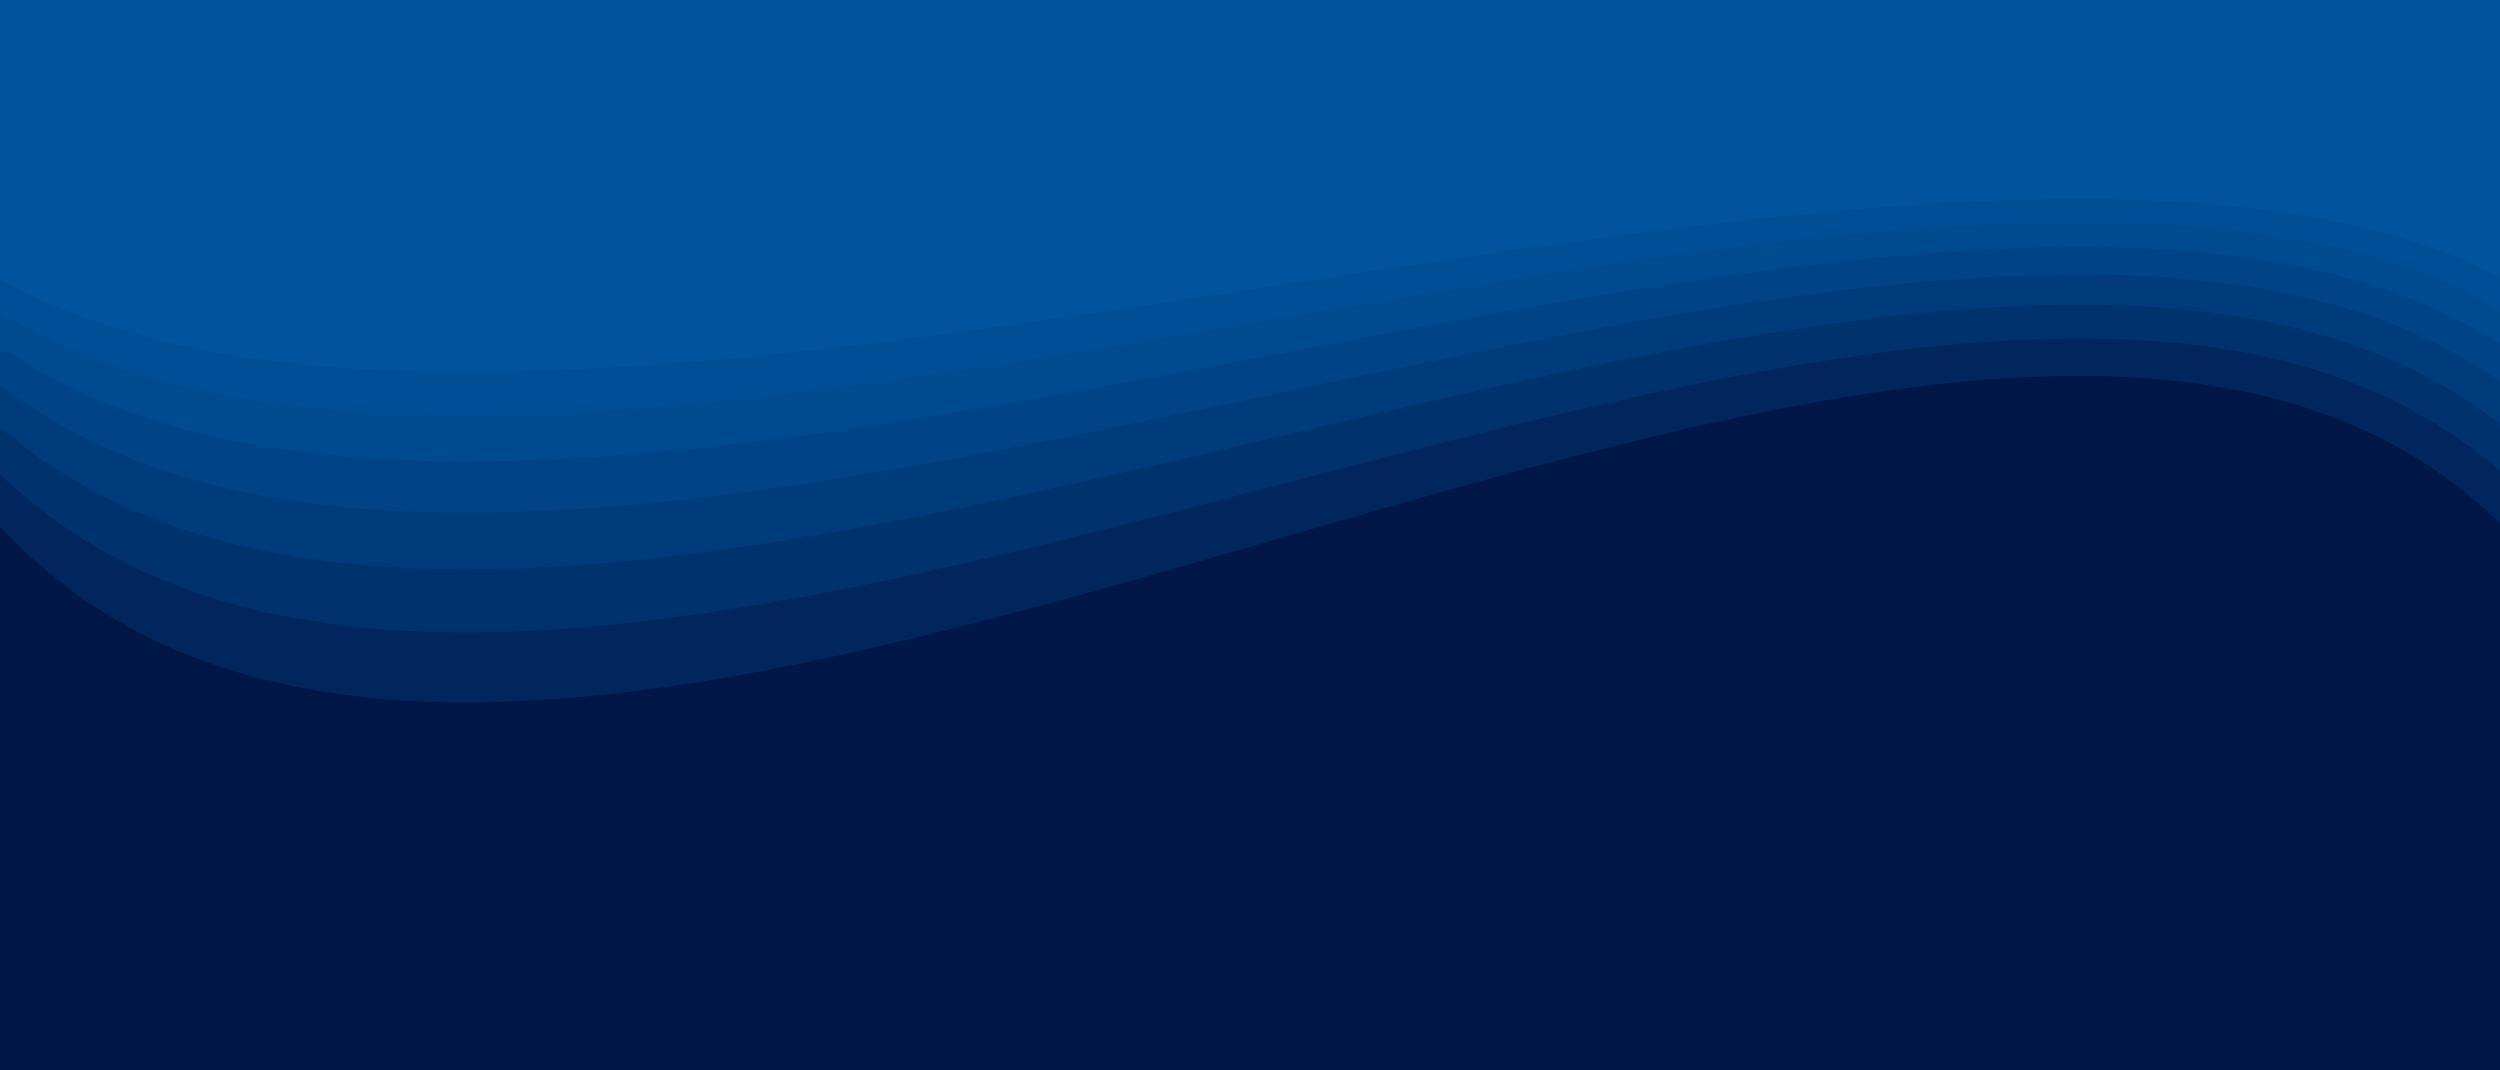 Wave Line Blue Png Clipart